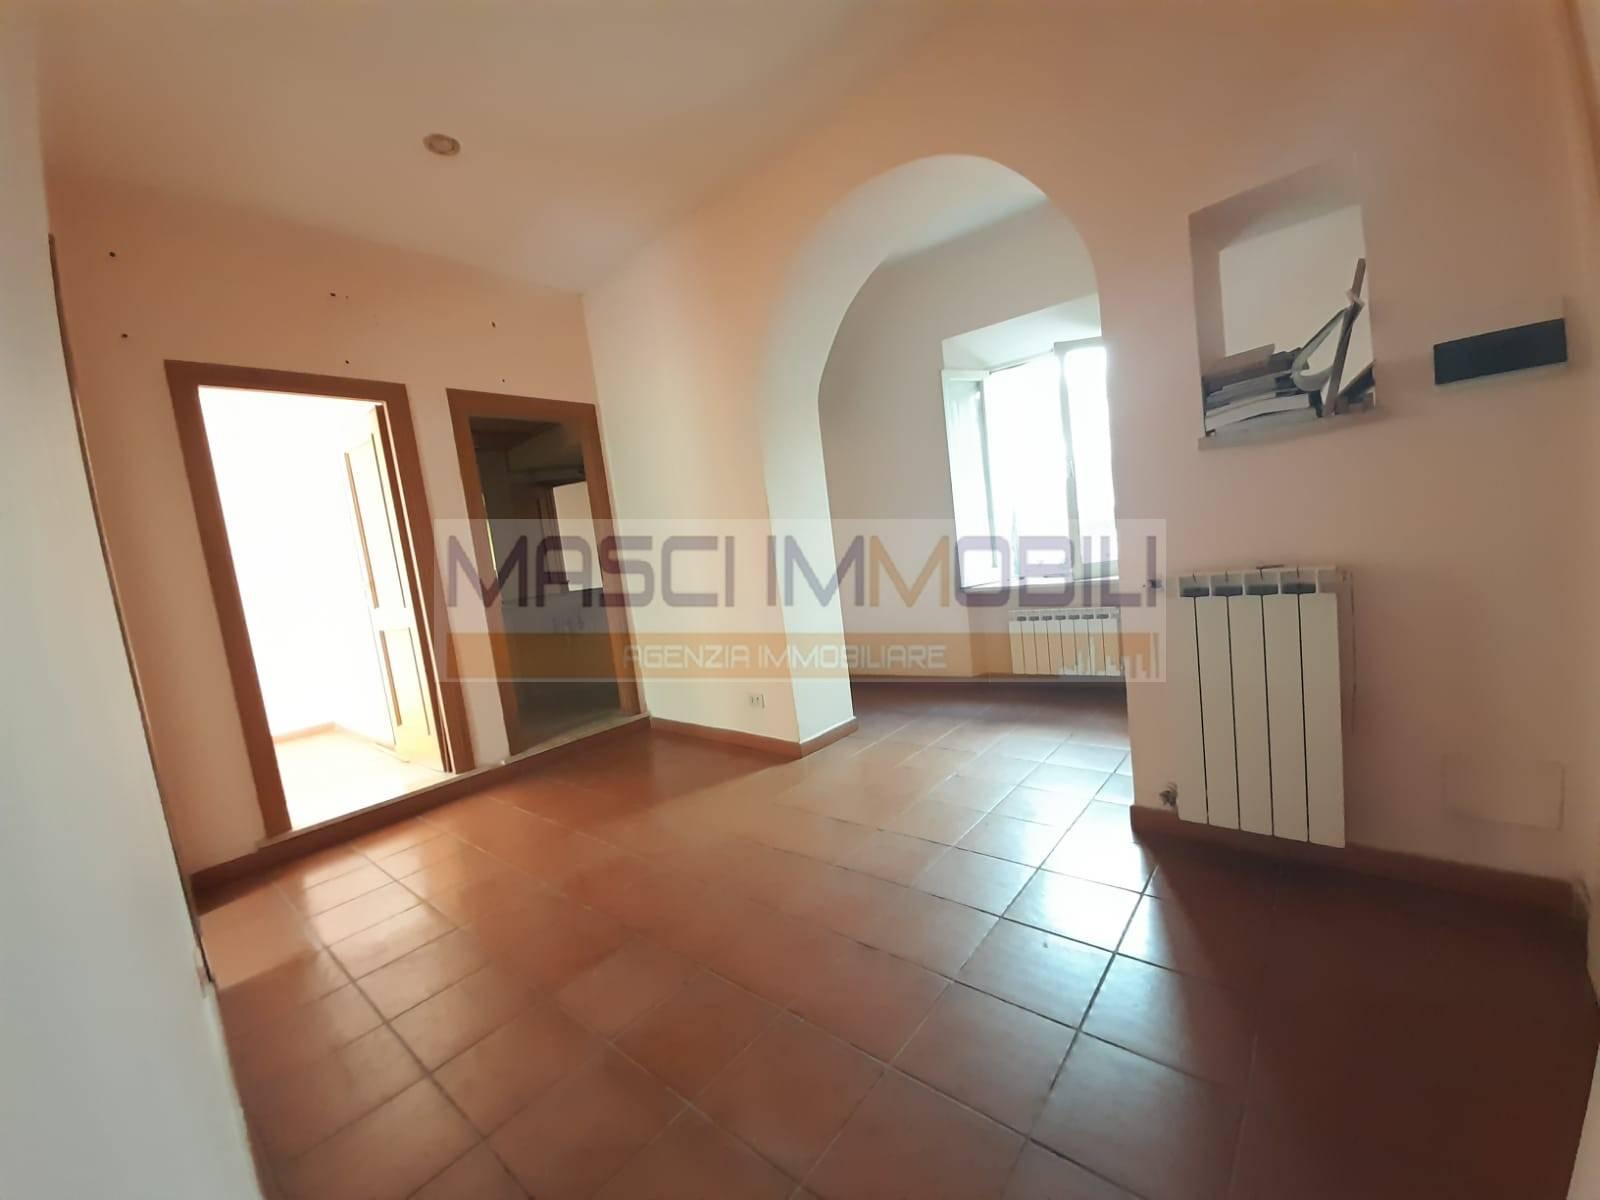 Appartamento in vendita a Fiano Romano, 3 locali, prezzo € 49.000 | CambioCasa.it